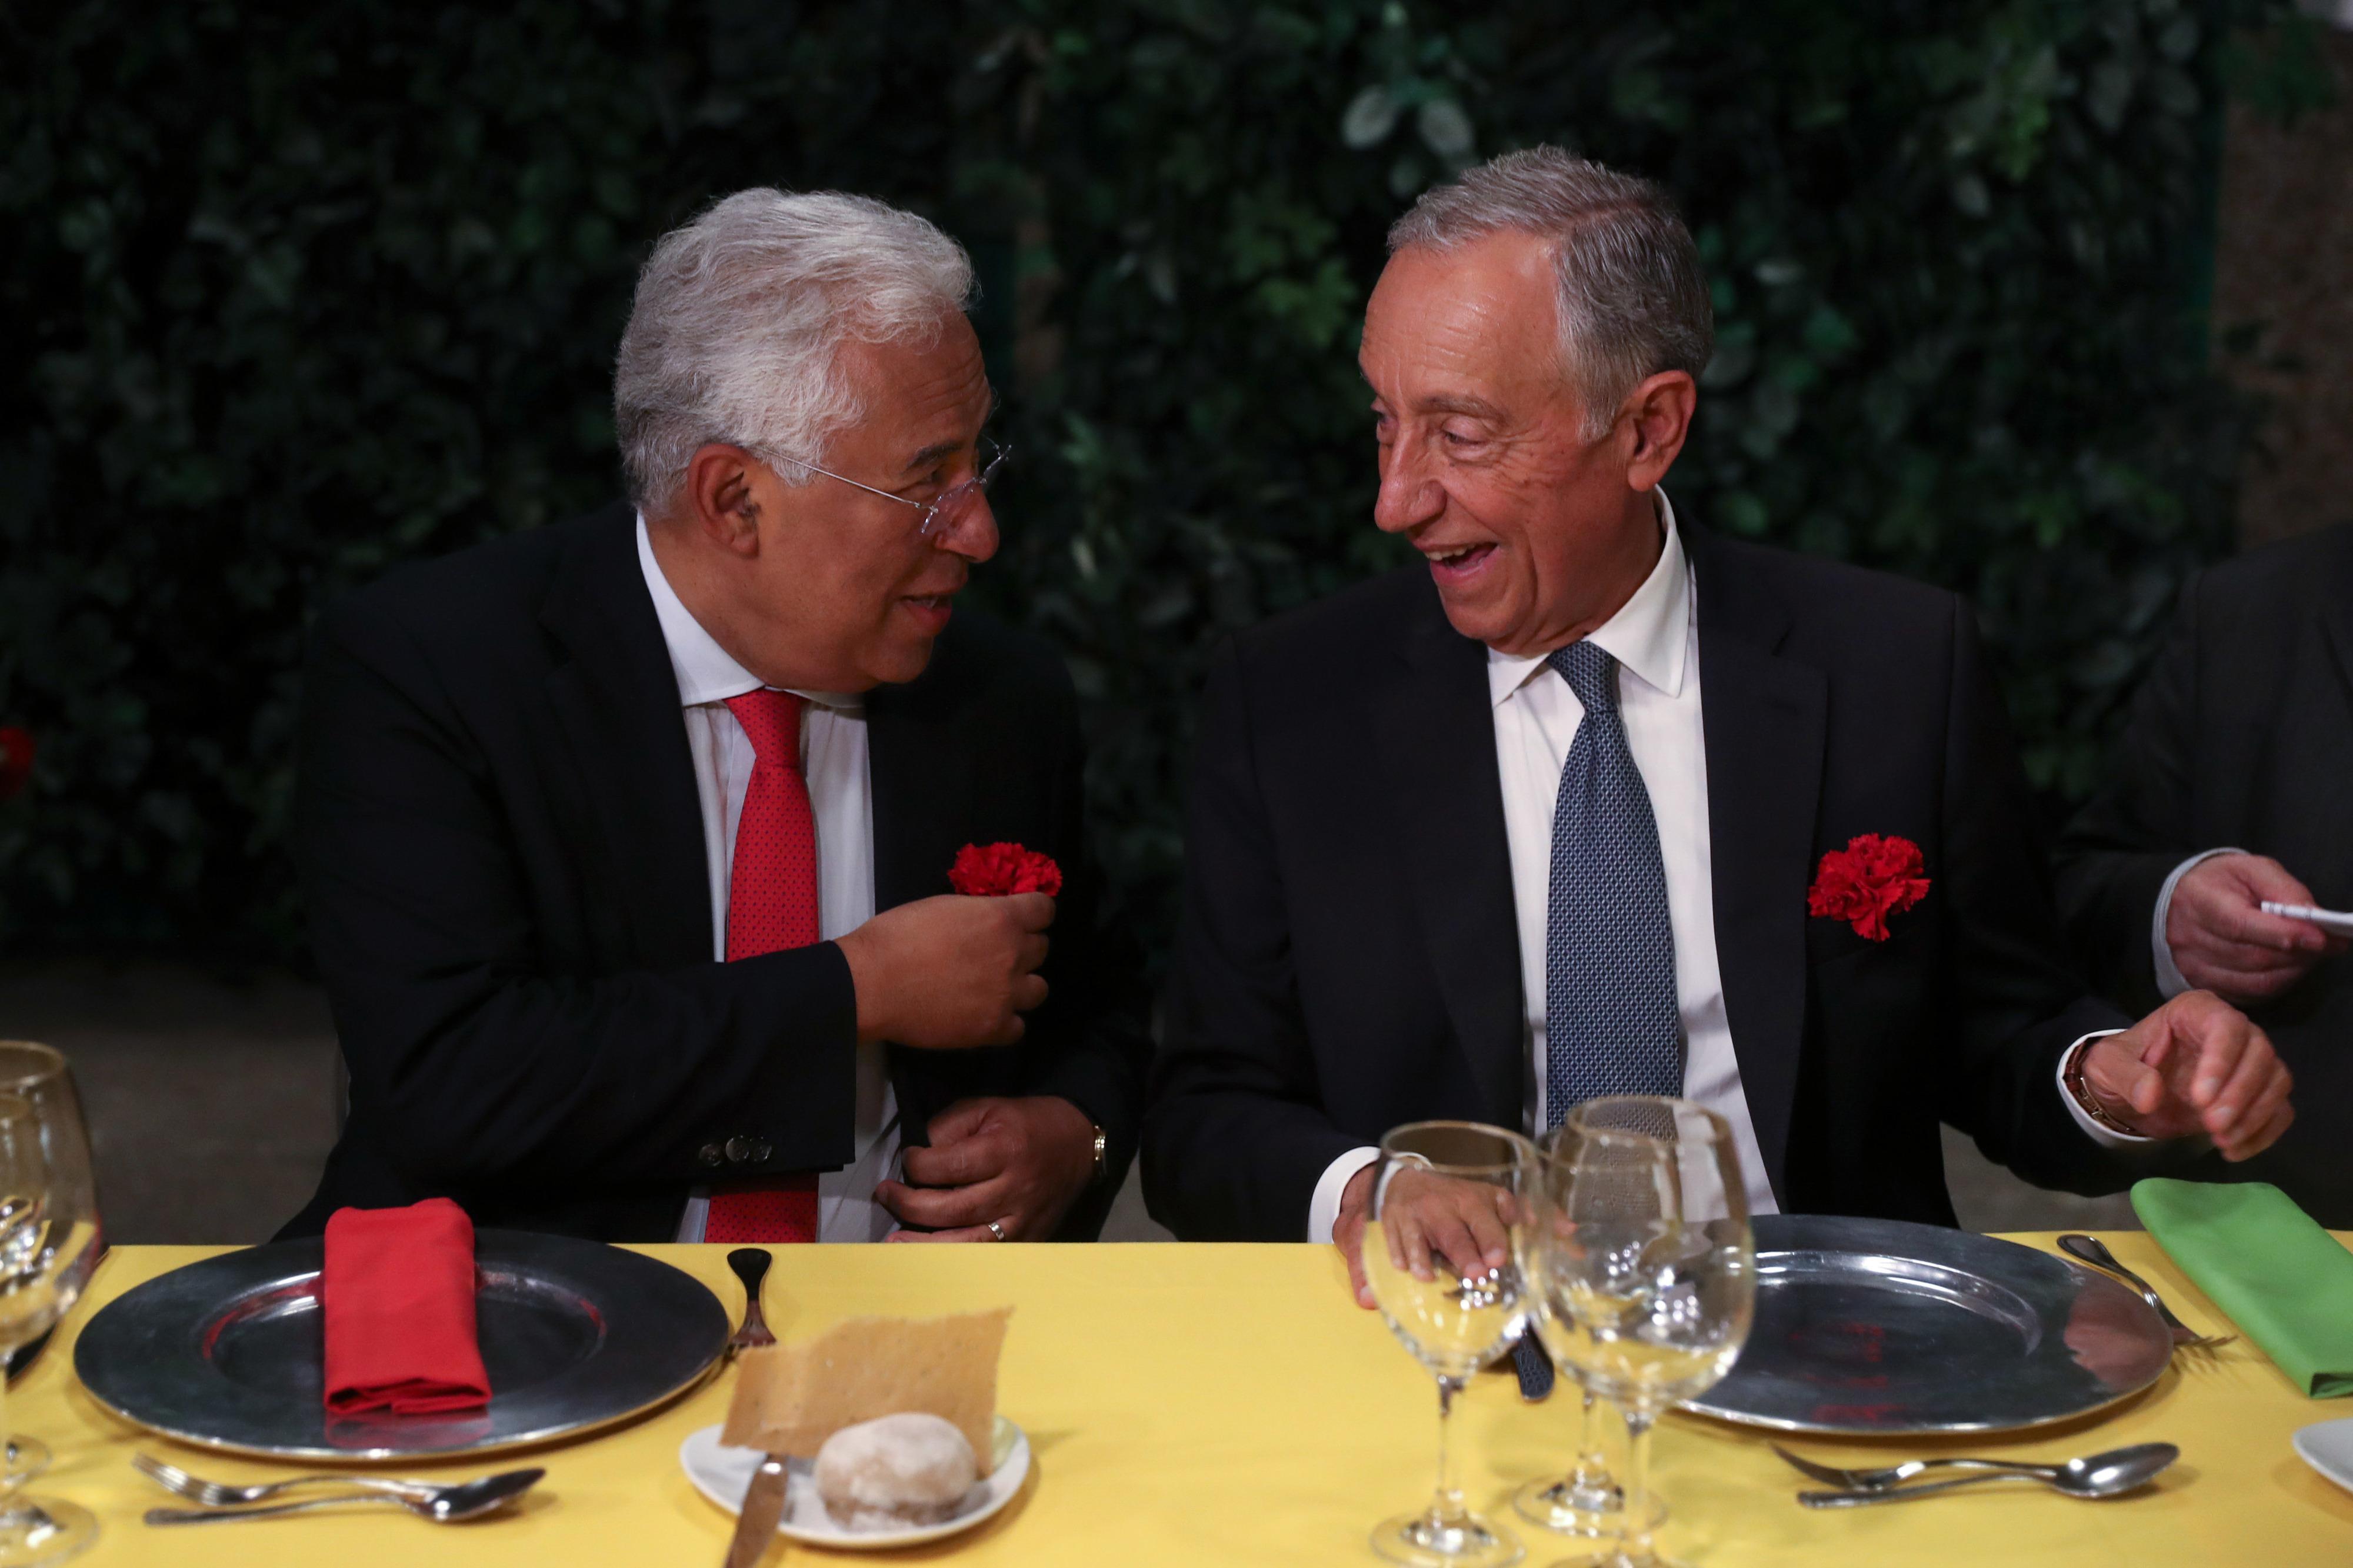 Costa afirma que há hoje uma grande reconciliação nacional